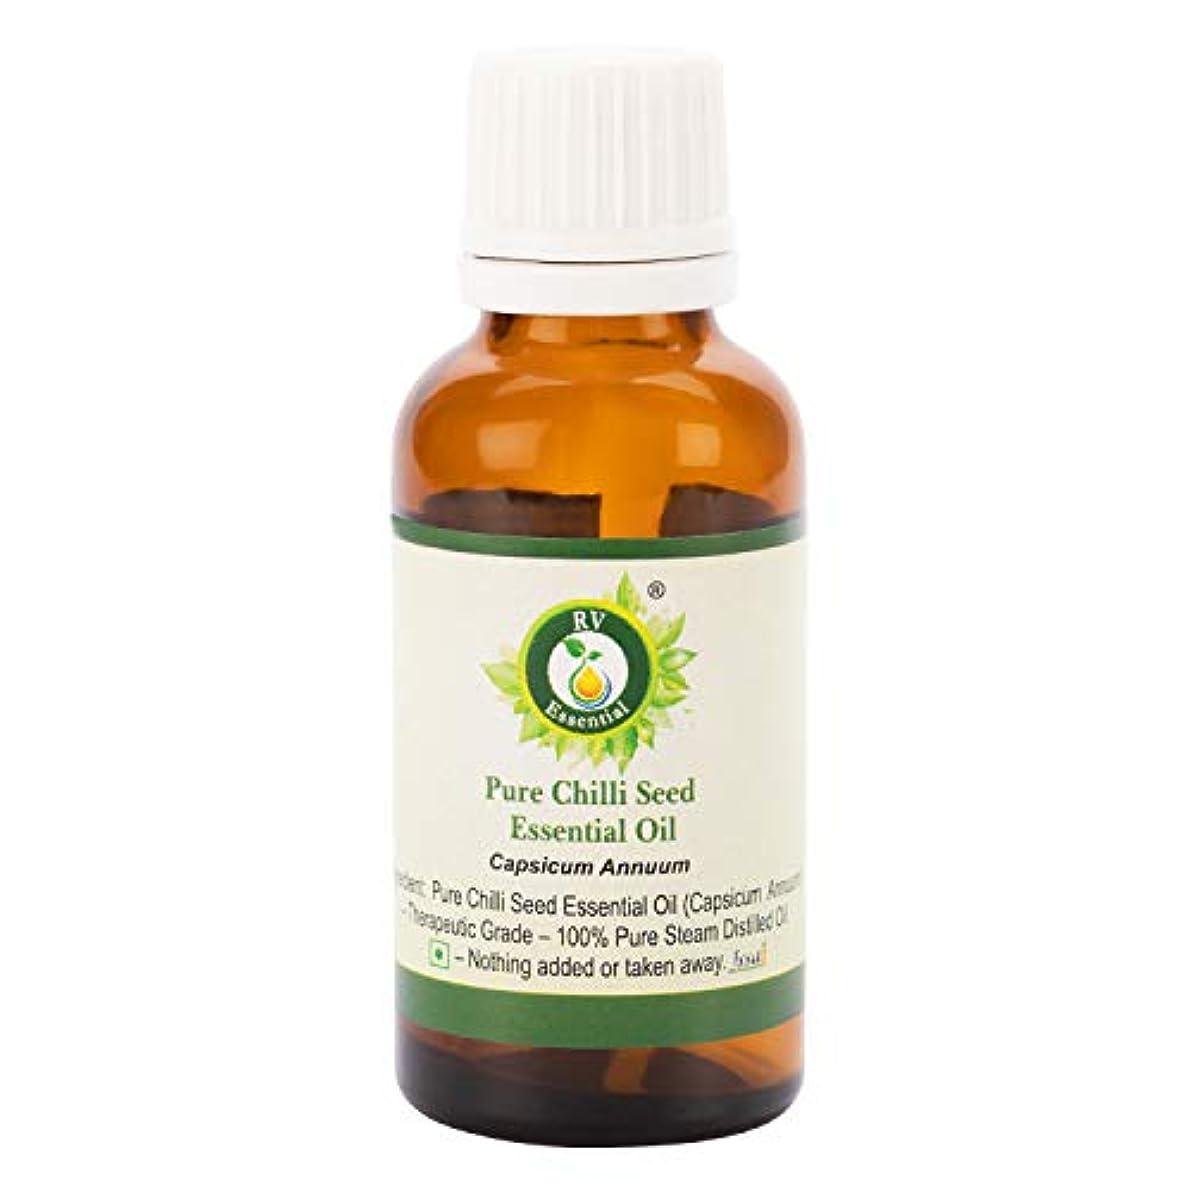 ホット十二安息ピュアチリシードエッセンシャルオイル5ml (0.169oz)- Capsicum Annuum (100%純粋&天然スチームDistilled) Pure Chilli Seed Essential Oil